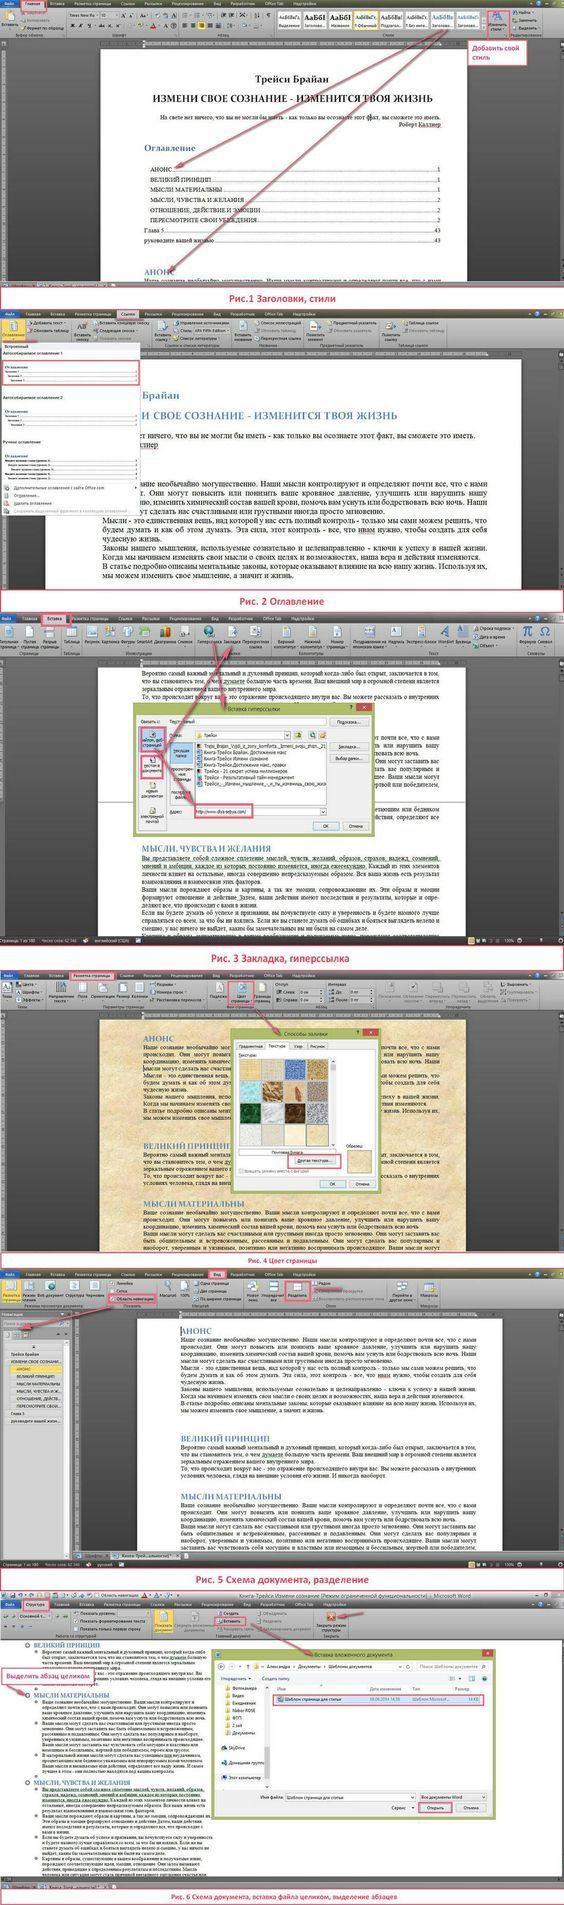 Передвижение в Word по главам: оглавление, горячие клавиши, закладки и ссылки.